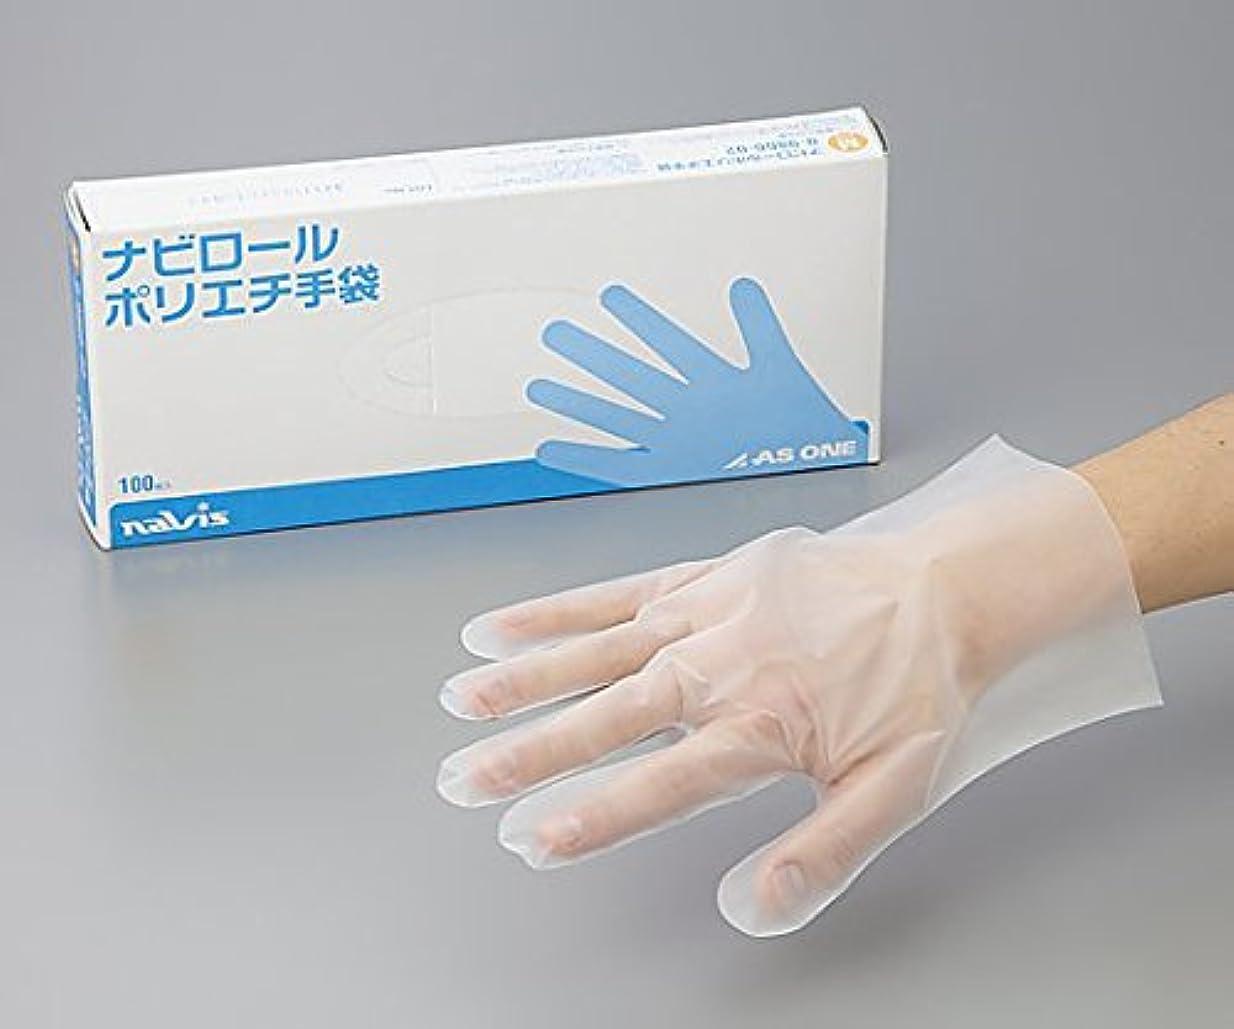 に勝る冊子蓋ナビス(アズワン)0-9866-01ナビロールポリエチ手袋L100入